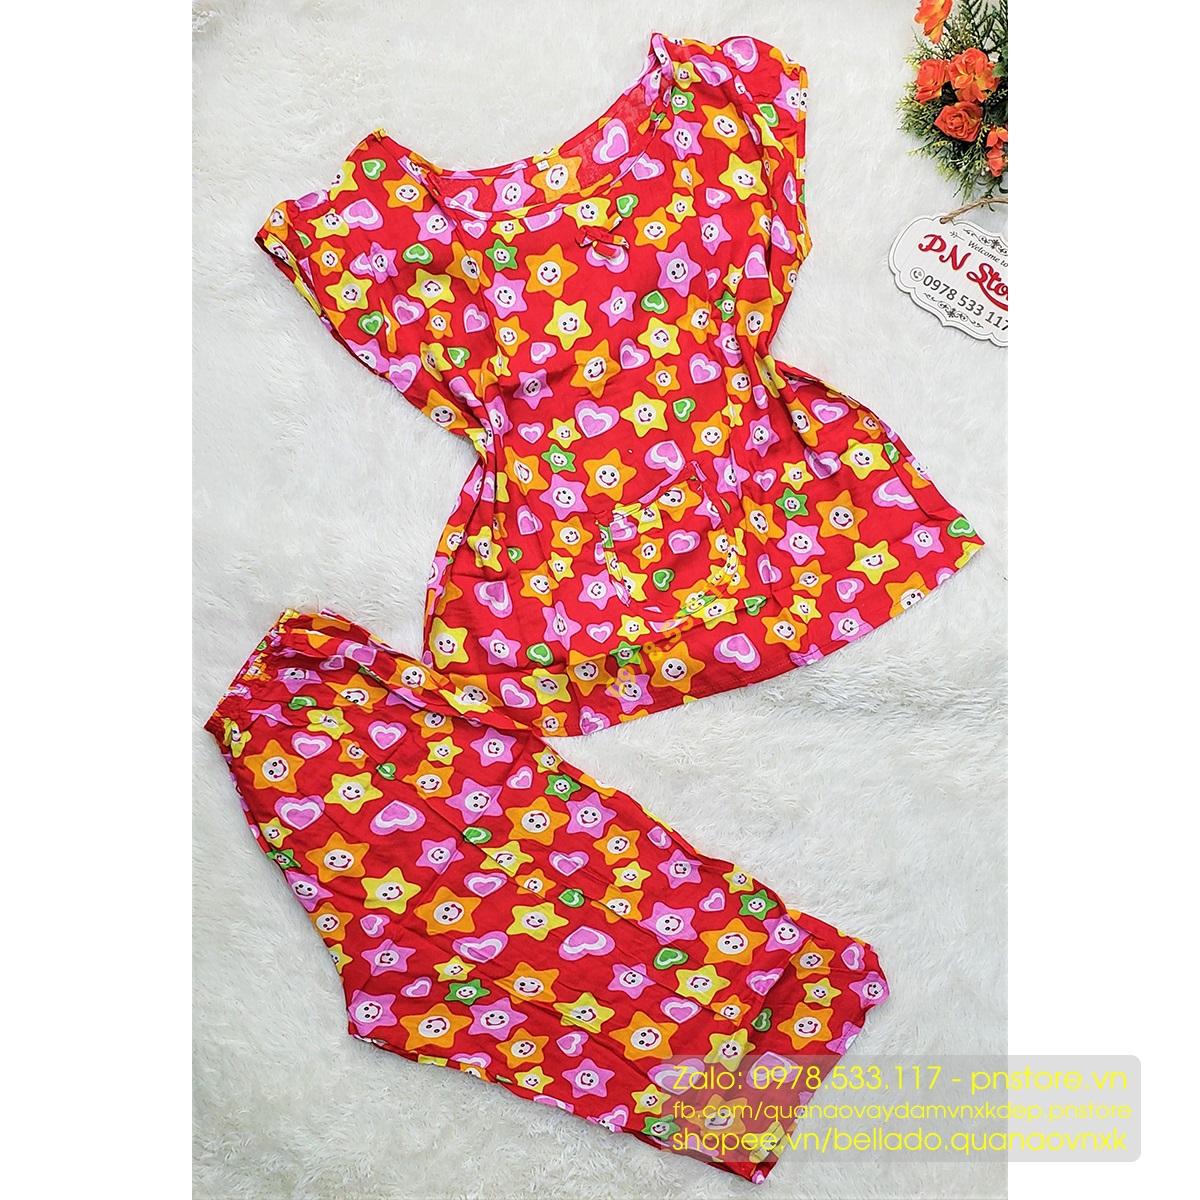 Đồ bộ tole lanh mặc nhà nhiều họa tiết đẹp (đủ size) - PN99652